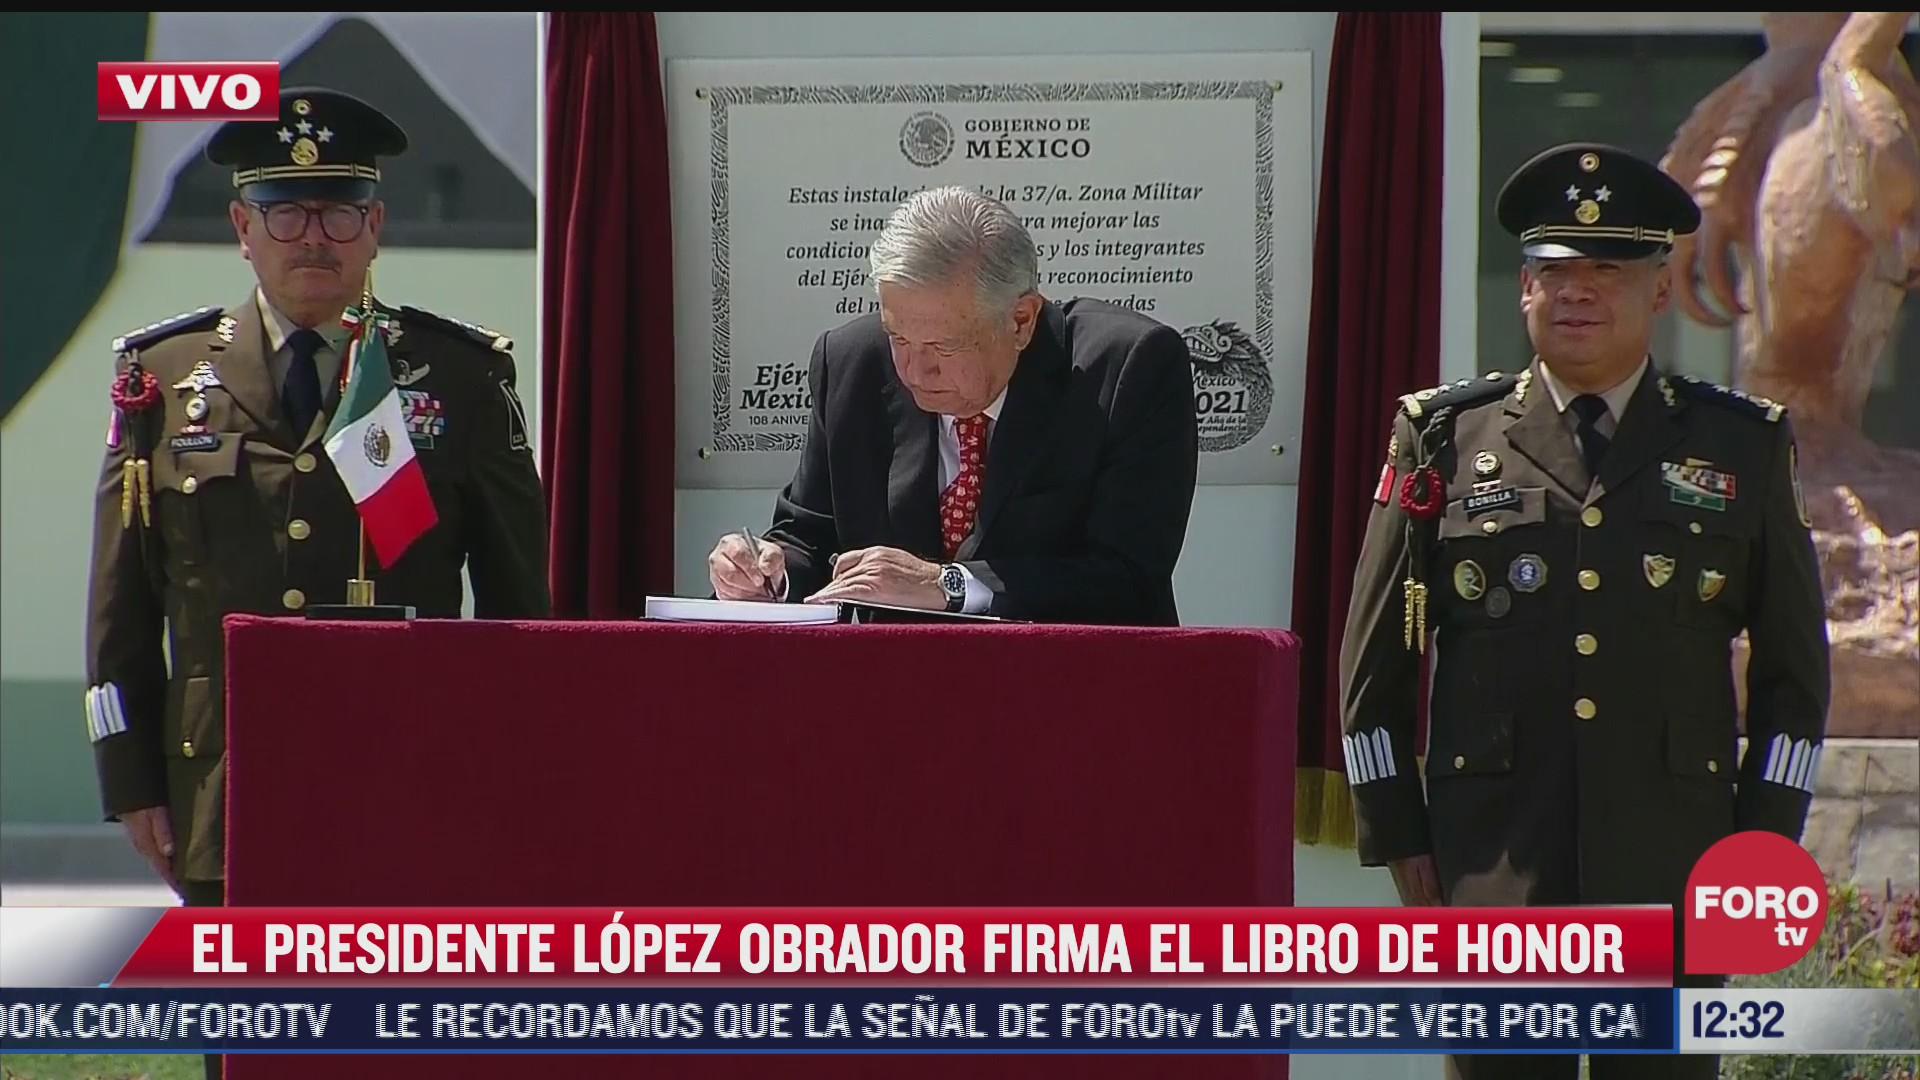 amlo inaugura libro de visitantes distinguidos en instalaciones militares de santa lucia